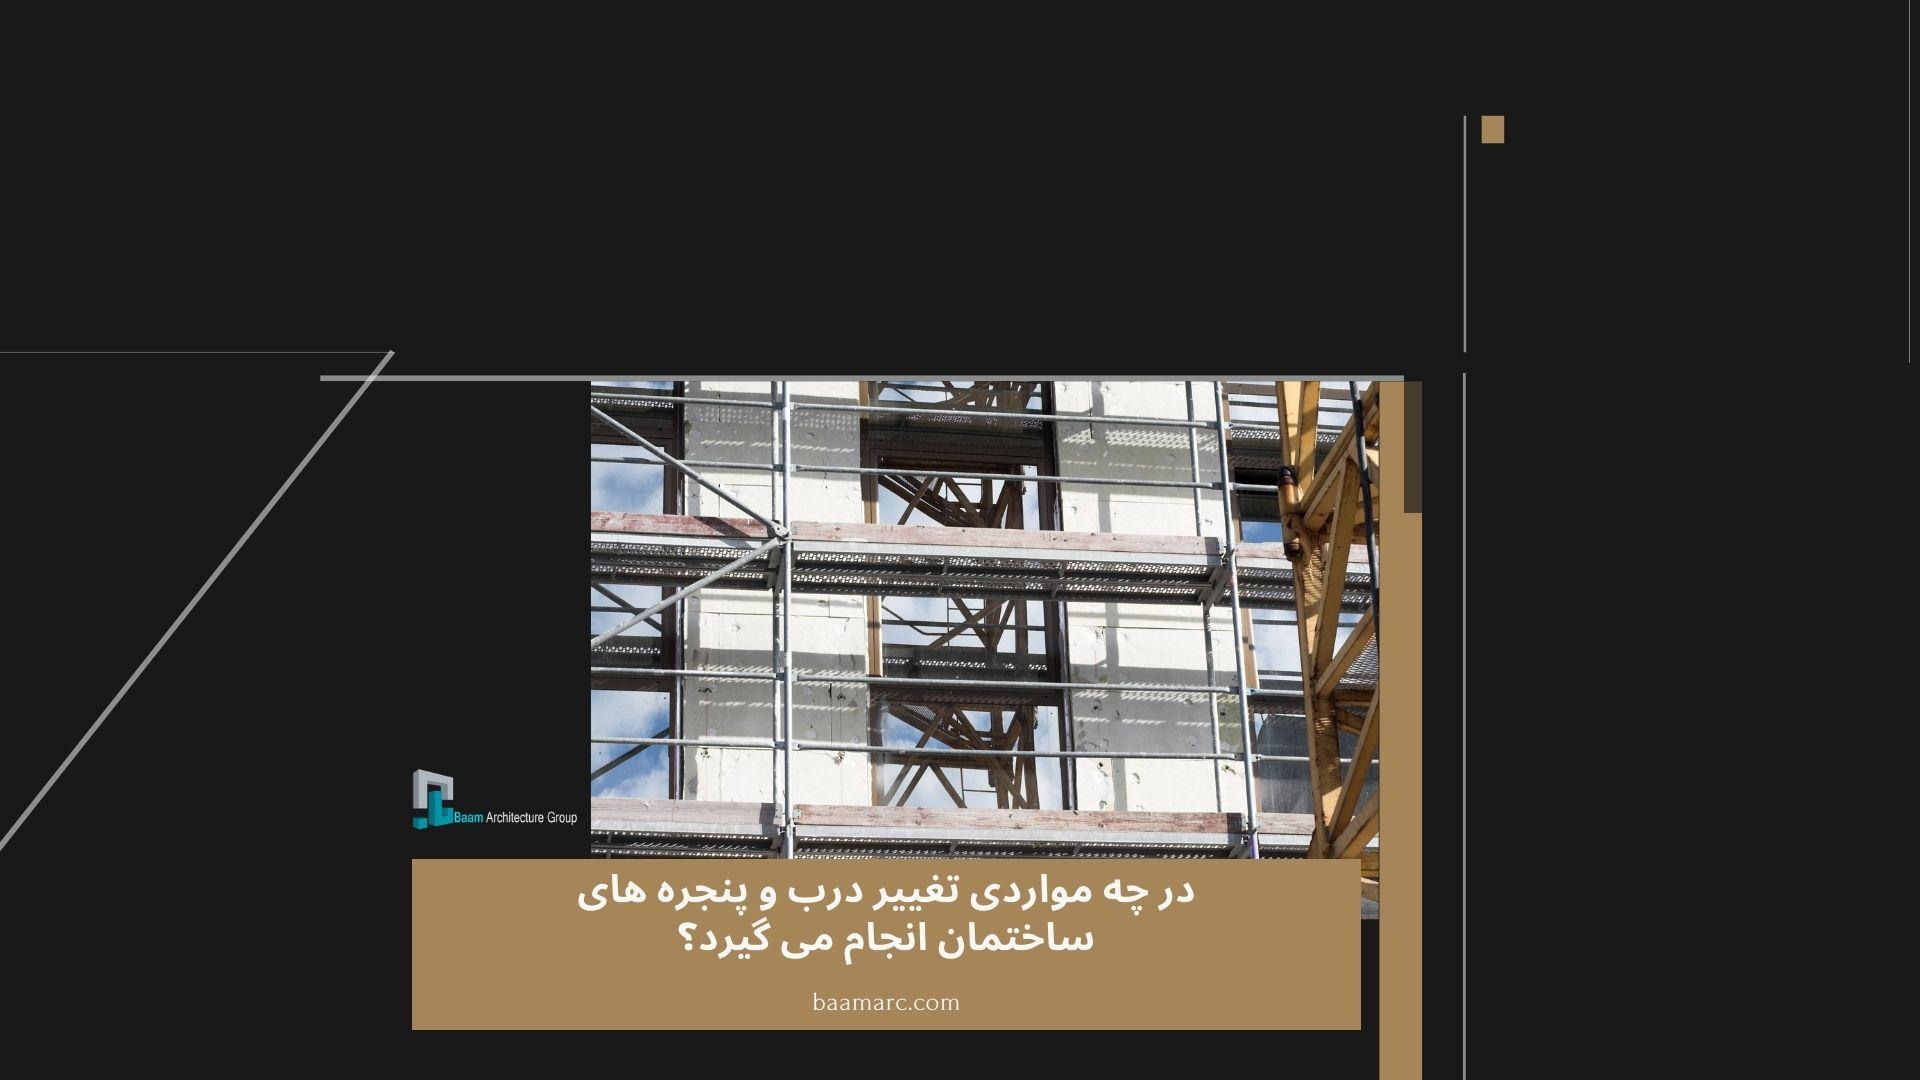 در چه مورادی تغییر درب و پنجره های ساختمان انجام می گیرد؟